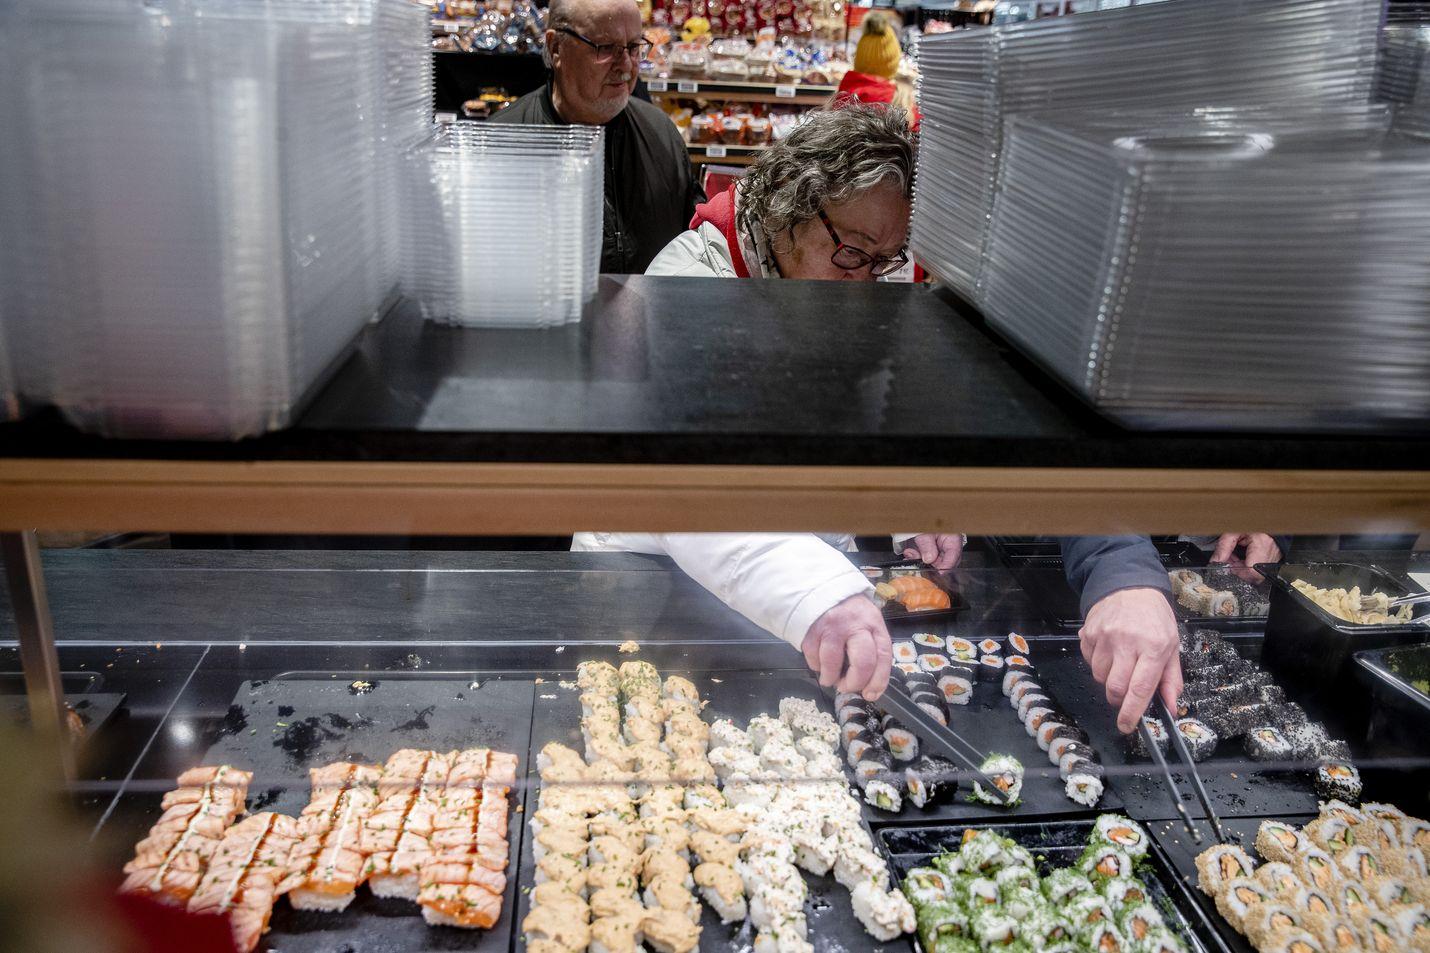 Kari ja Pirkko Saari olivat lähteneet Helsingistä katsomaan voittajakauppaa ja noutamaan sushia isänpäiväksi.